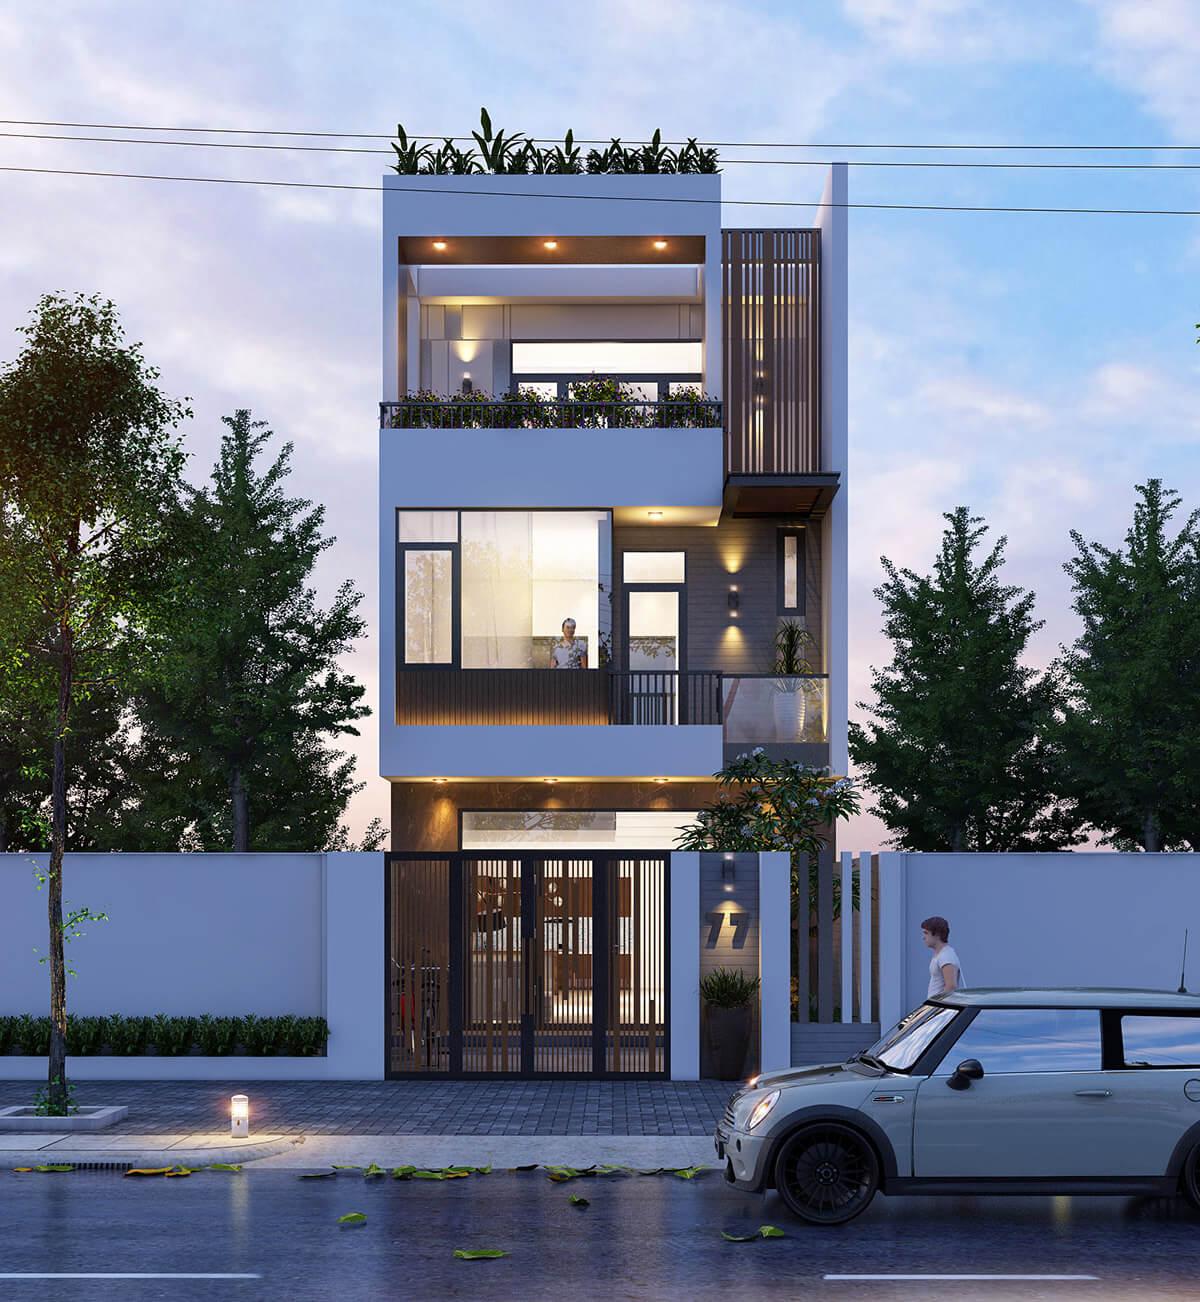 thiết kế mẫu nhà phố 3 tầng hiện đại gần gũi với thiên nhiên 7